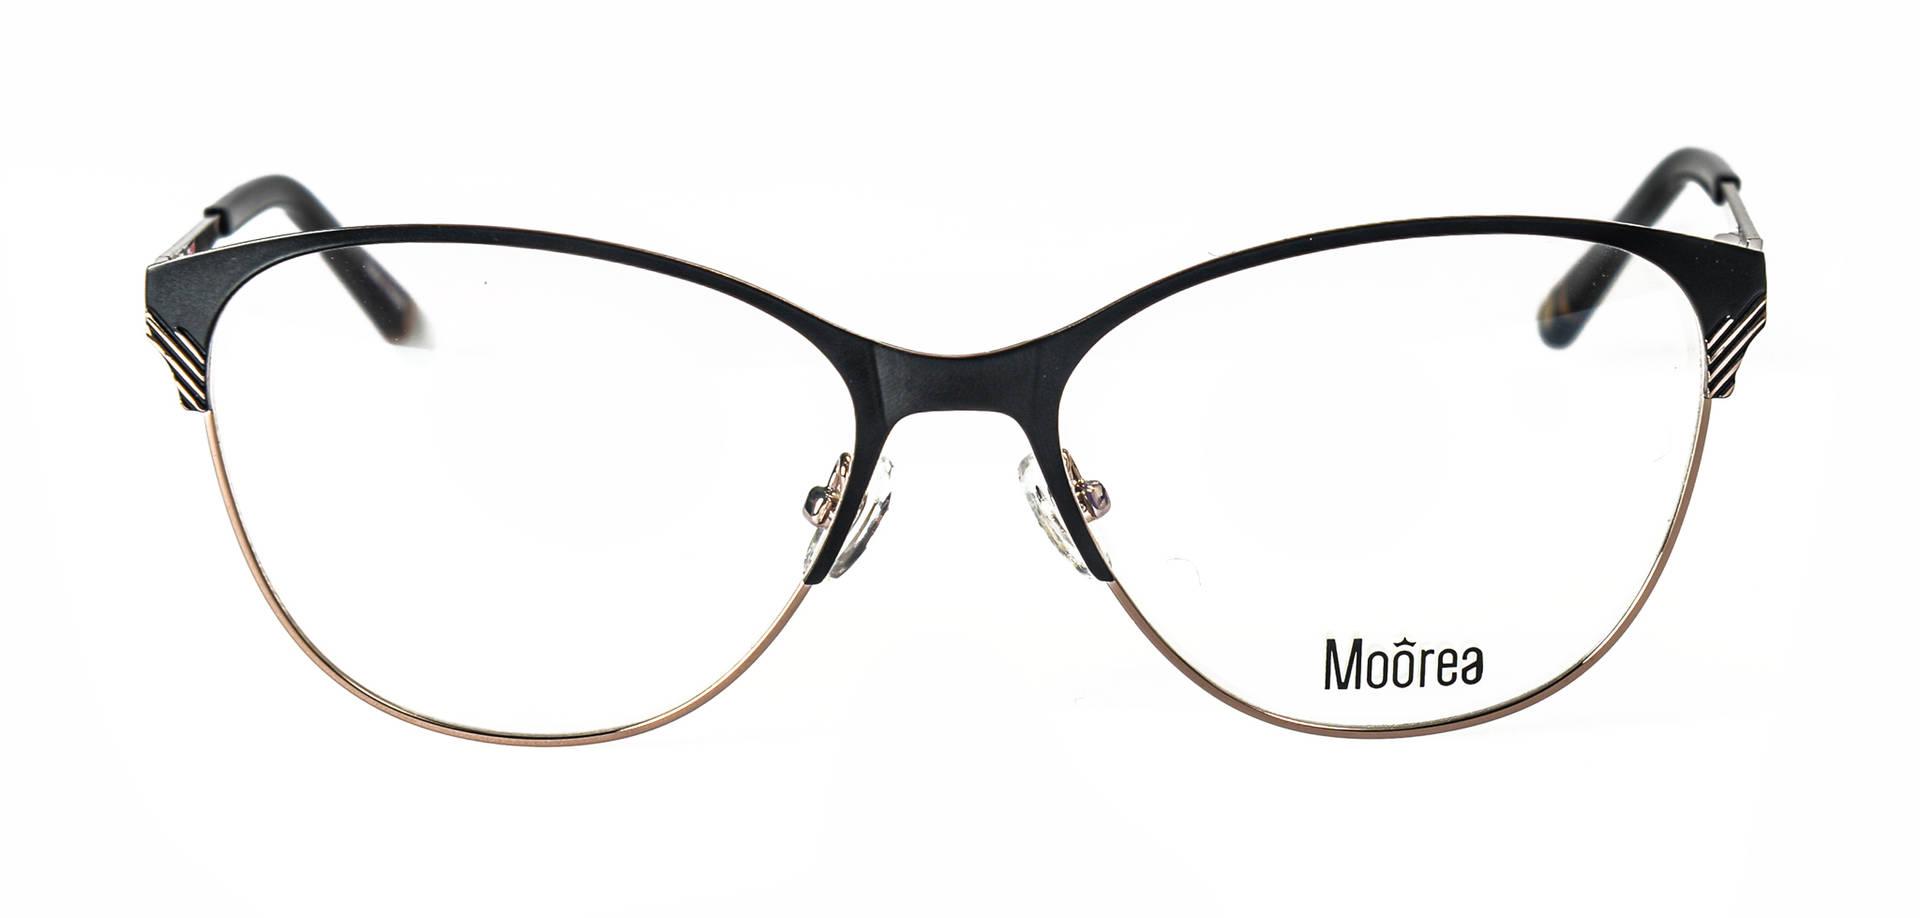 7R3-MOOREA-03 C1